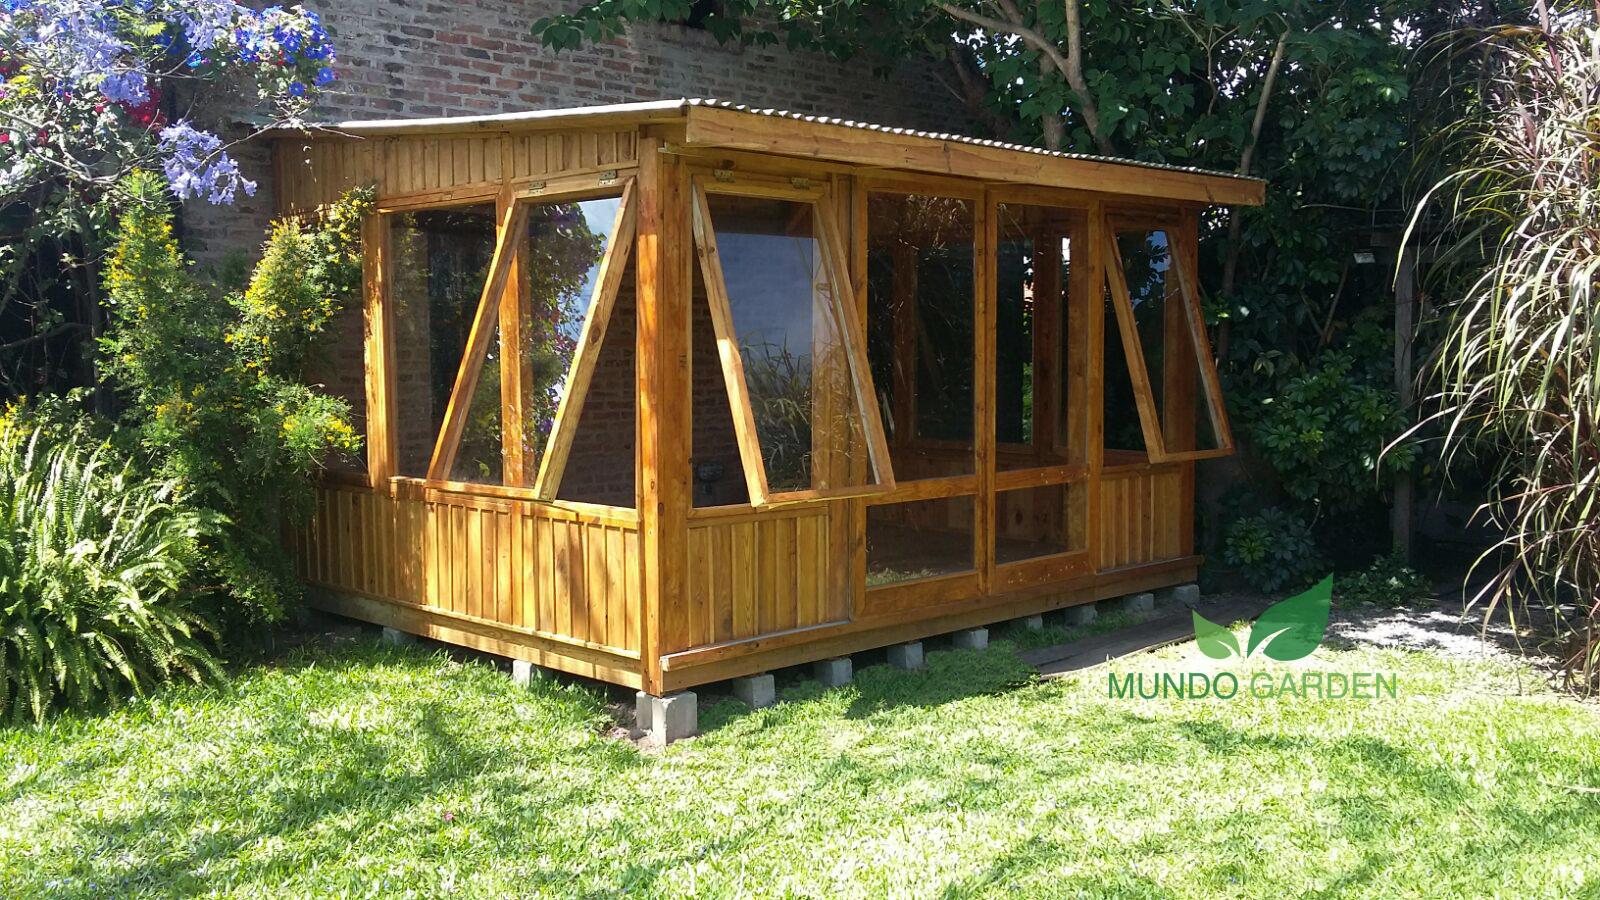 Mundo garden jard n de invierno living exterior for Disenos de jardin de invierno